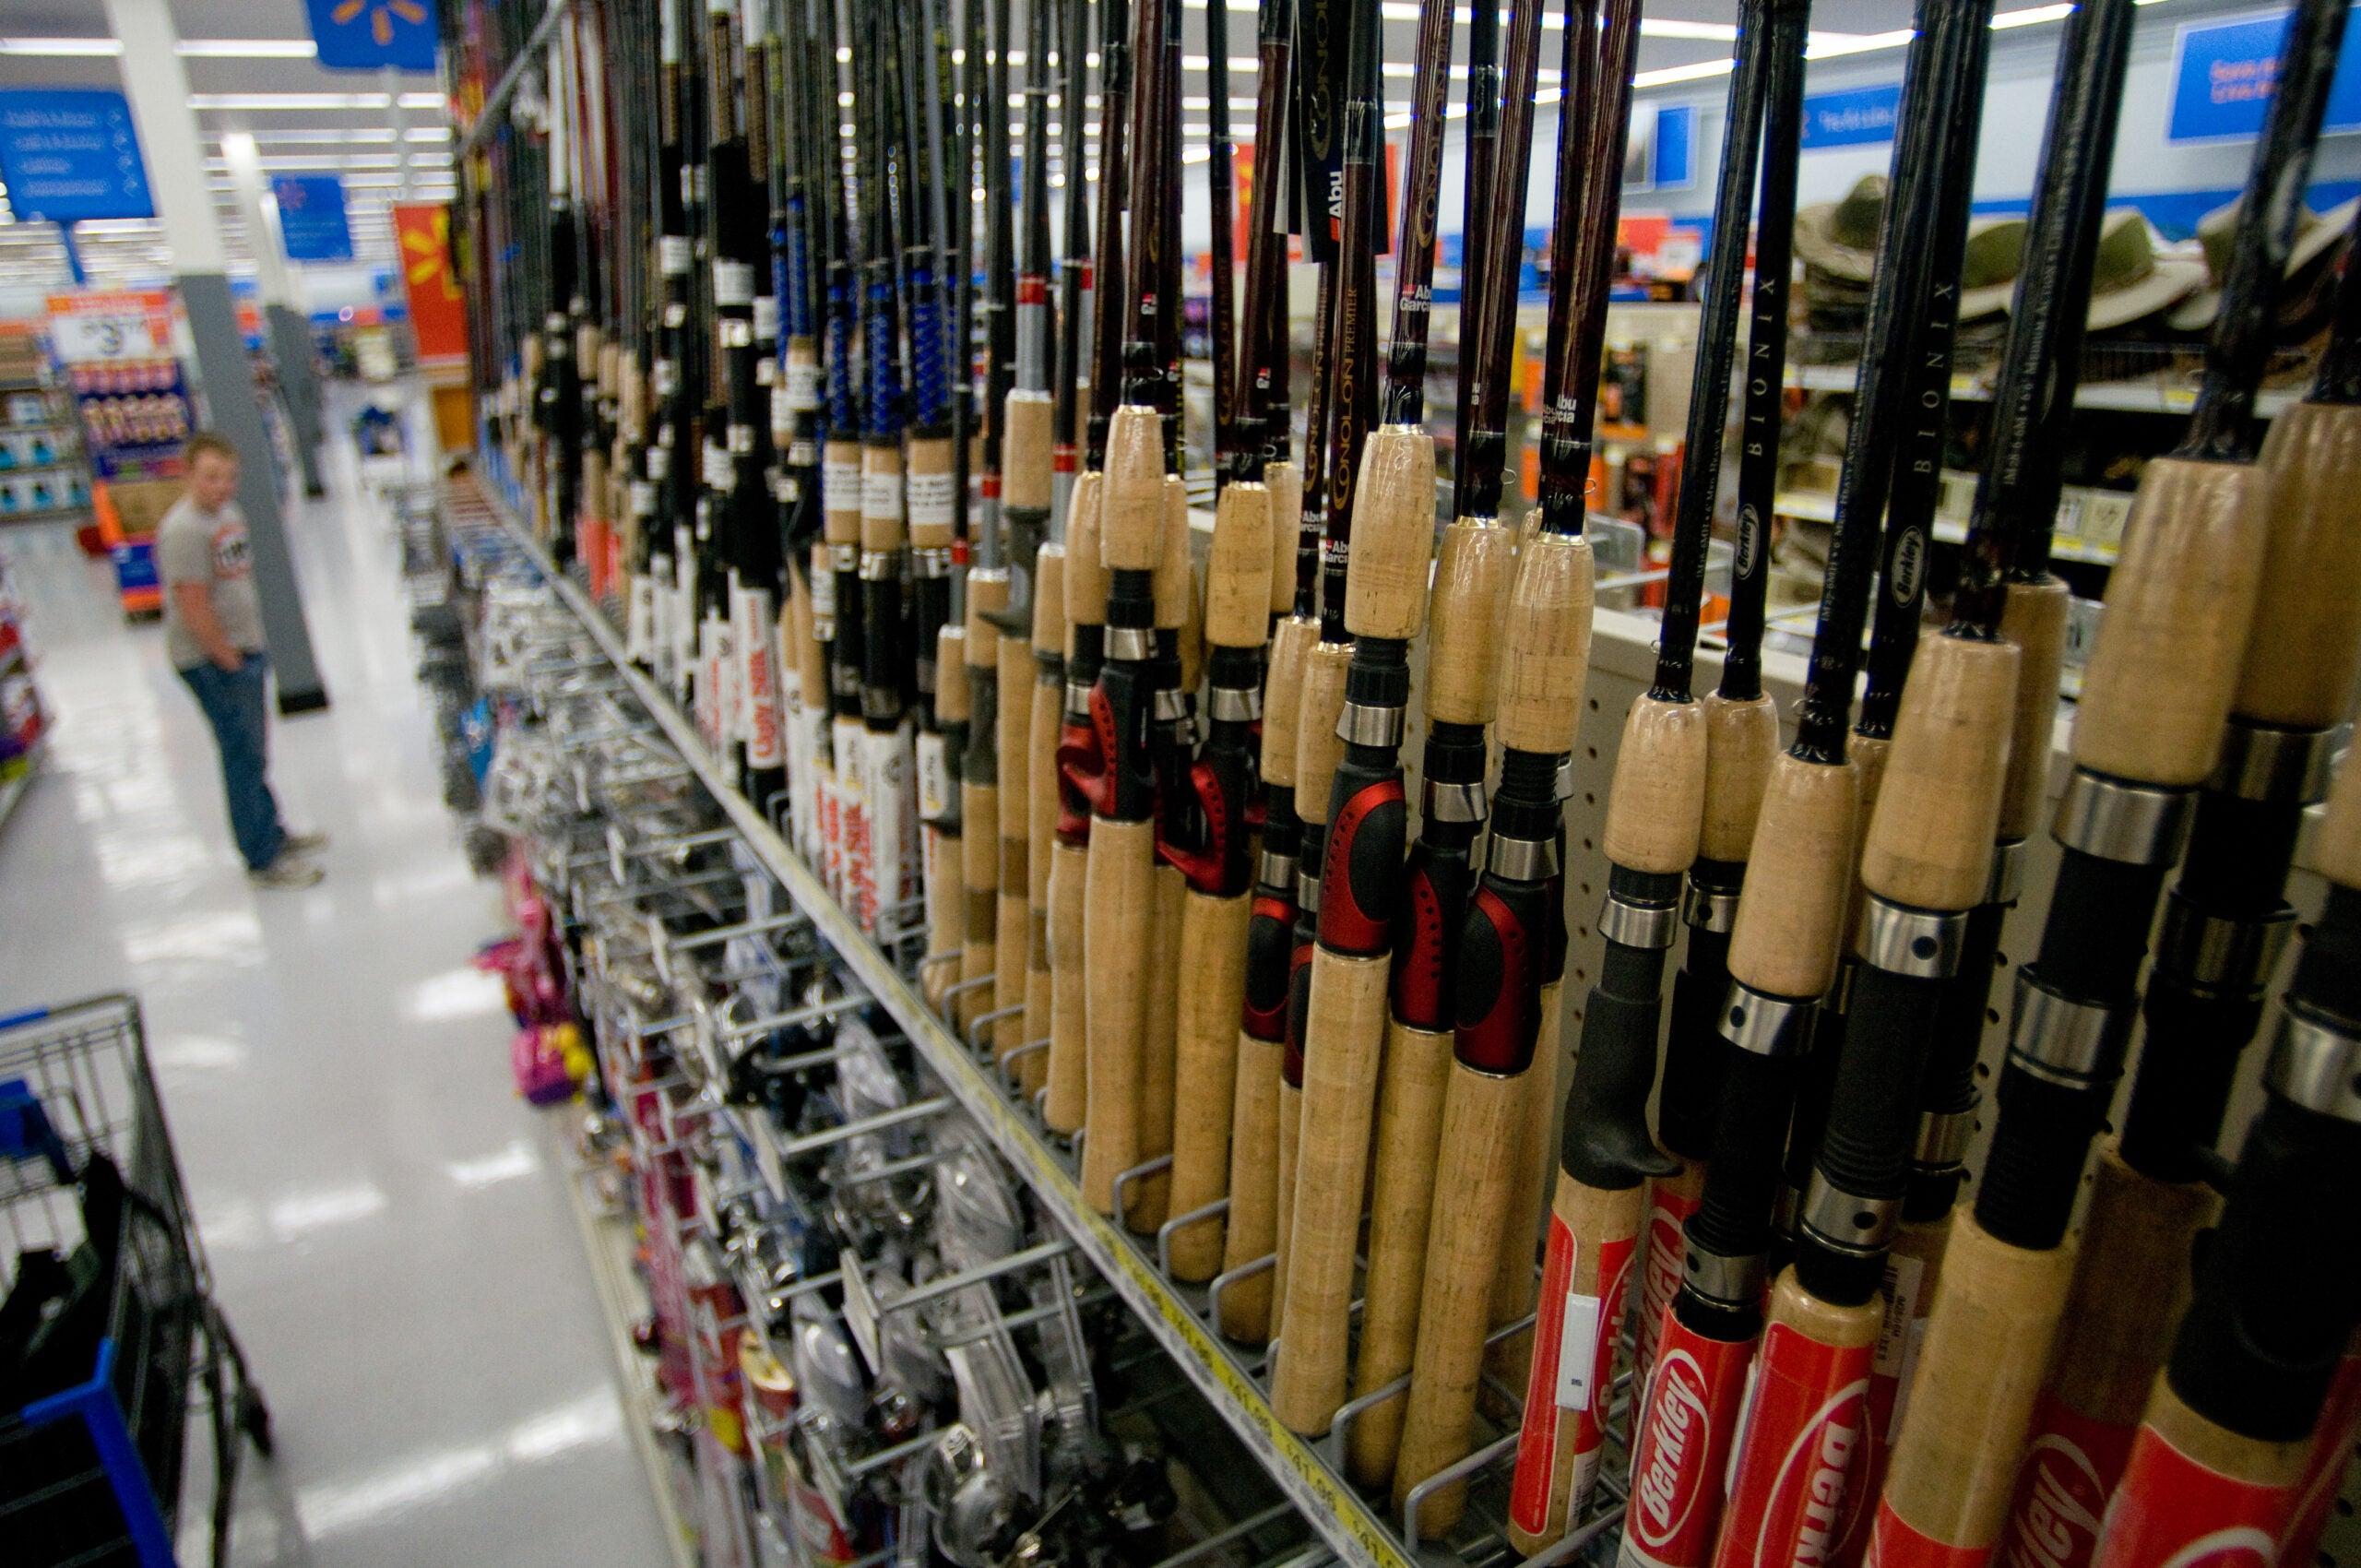 Walmart fishing gear